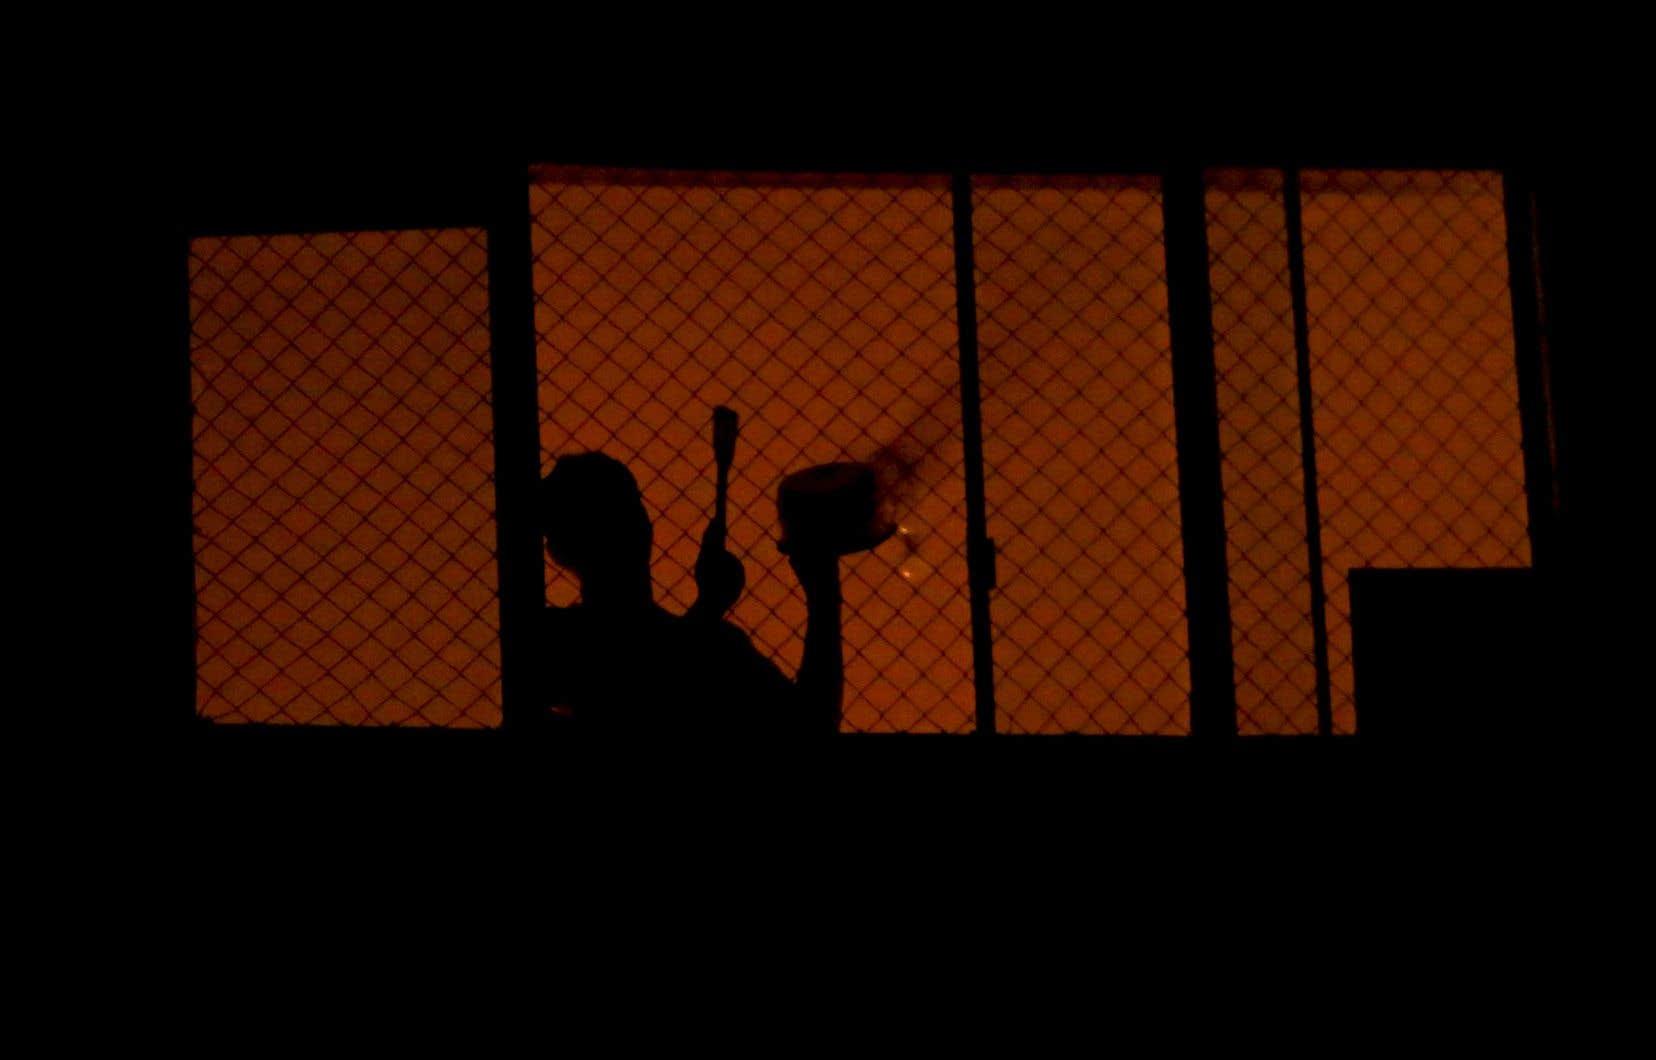 Le mouvement « panelaço contra Bolsonaro » (traduction libre : concert de casseroles contre Bolsonaro) prend de l'ampleur dans les grandes villes du Brésil, où l'apathie du président Bolsonaro face à la pandémie provoque une grogne populaire.